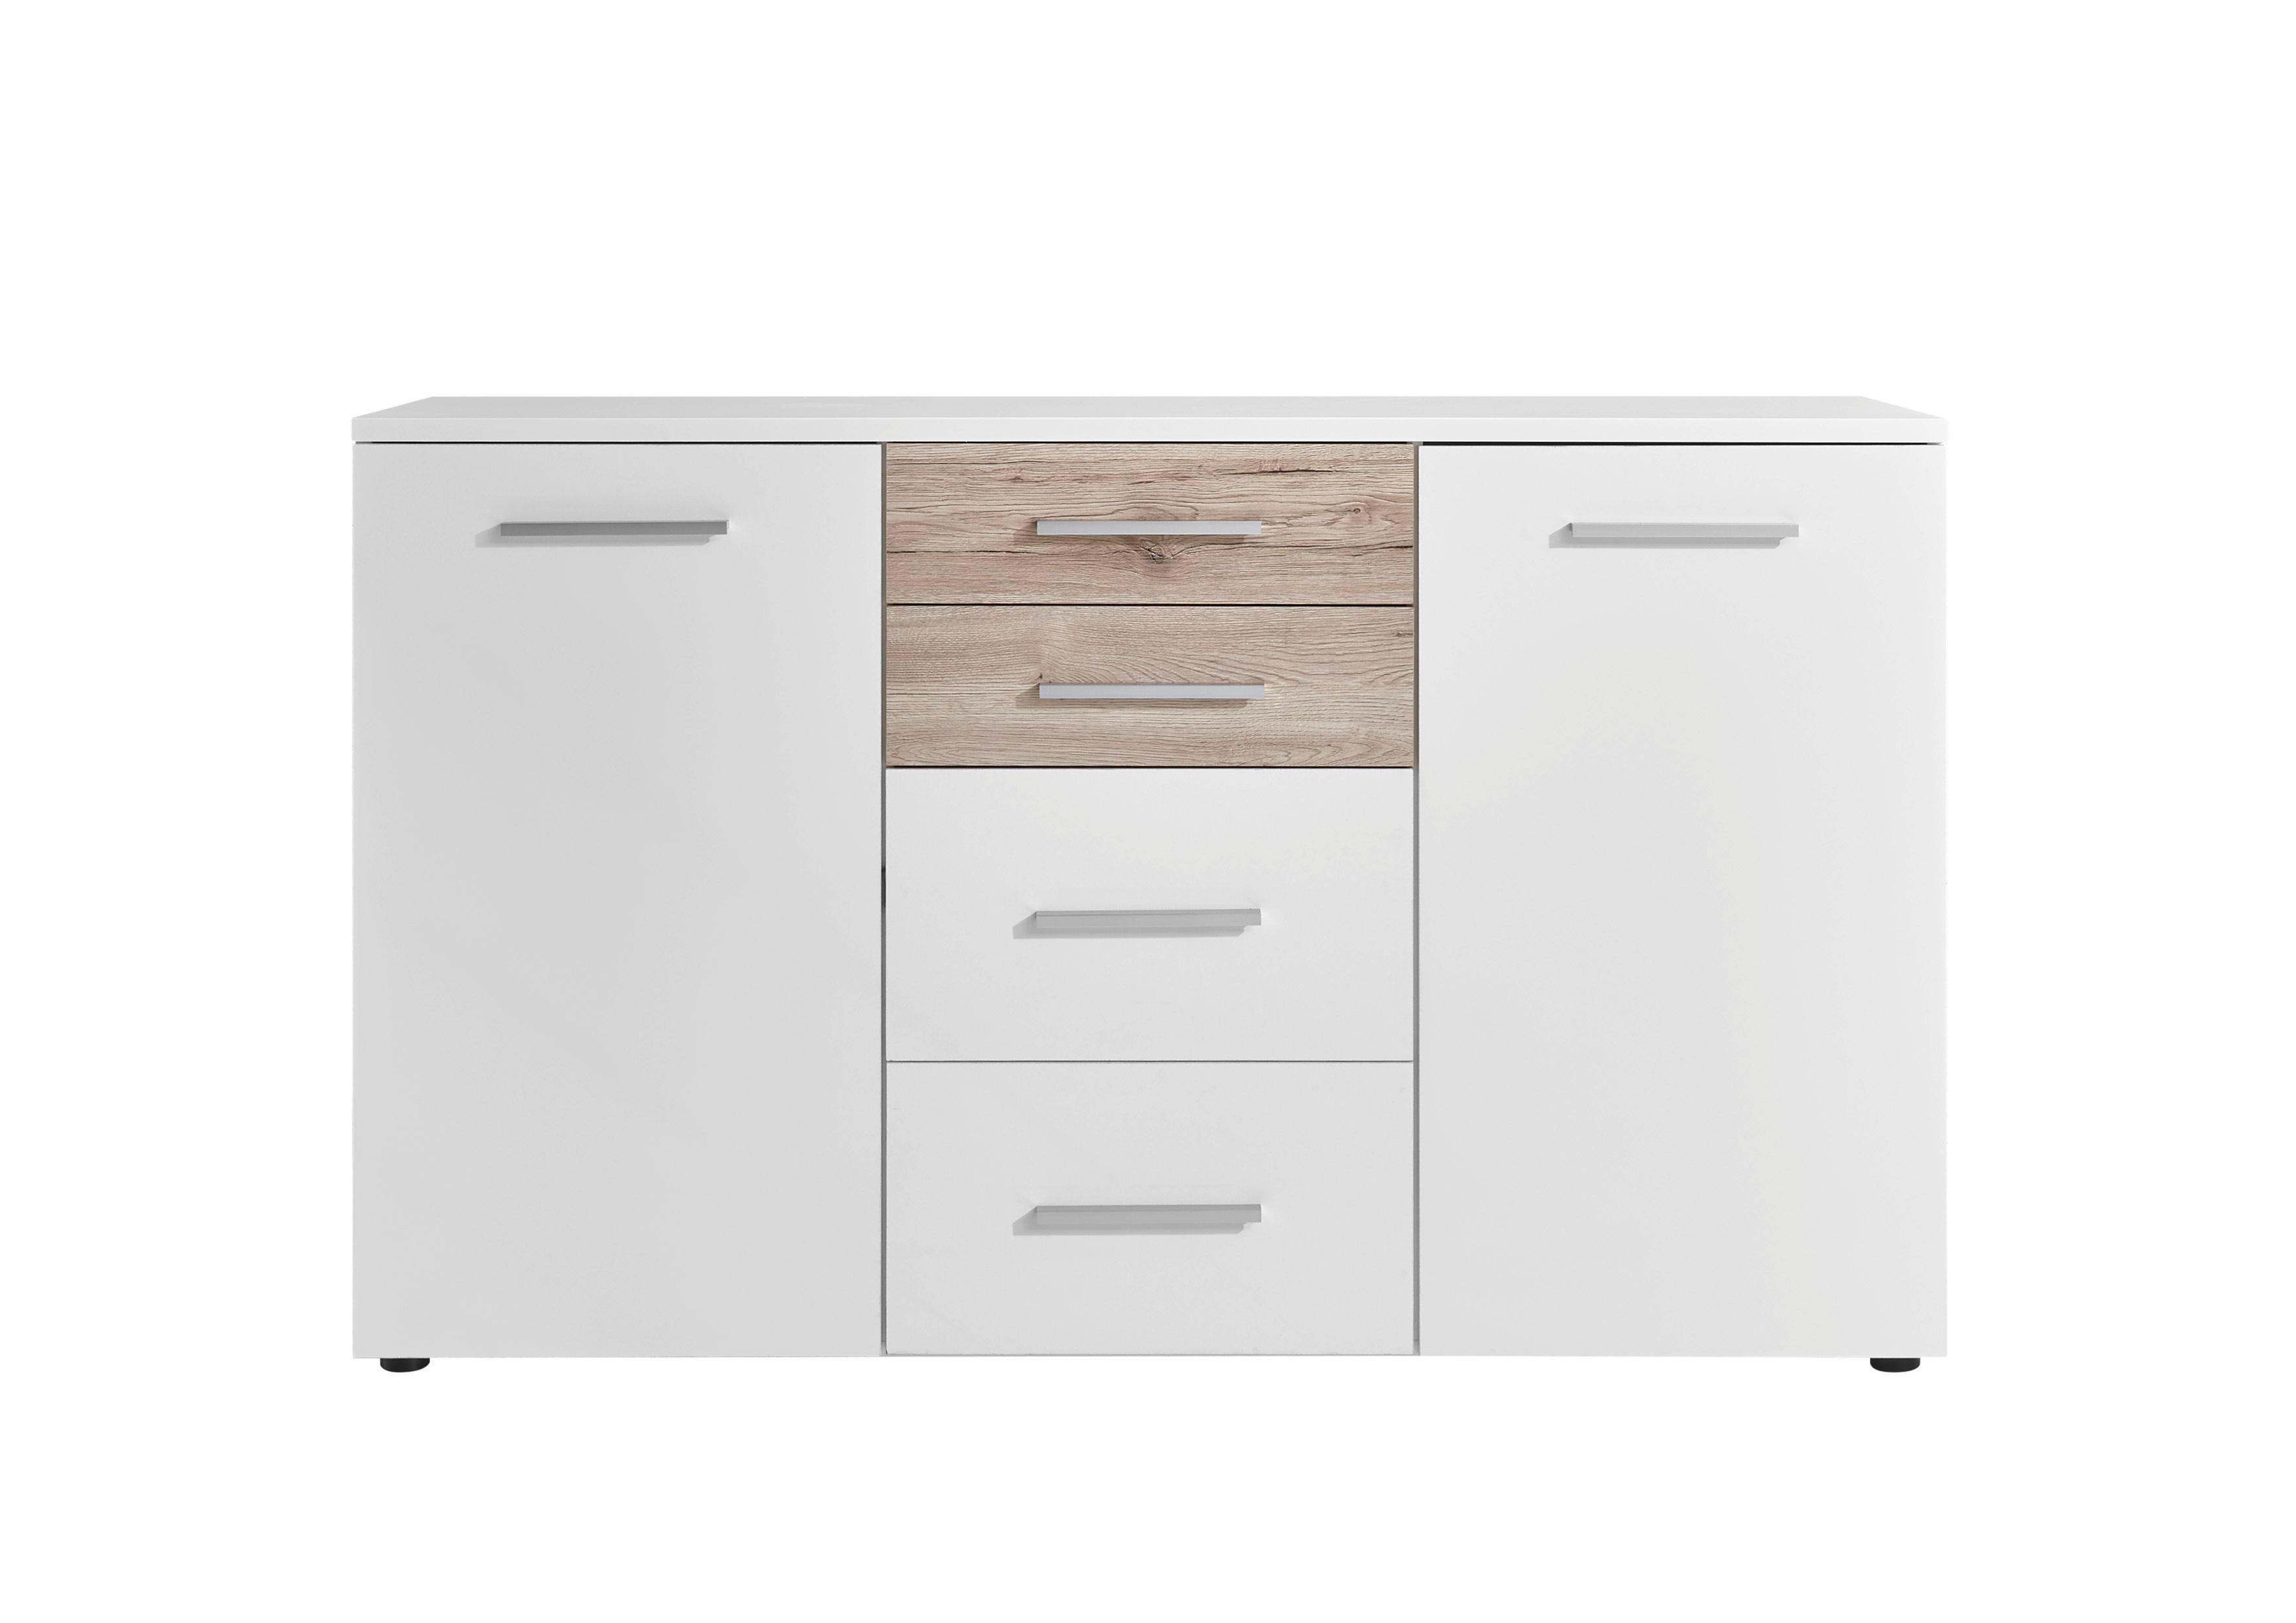 KOMMODE Eichefarben, Weiß - Eichefarben/Alufarben, KONVENTIONELL, Holzwerkstoff/Kunststoff (149/90/38cm) - XORA